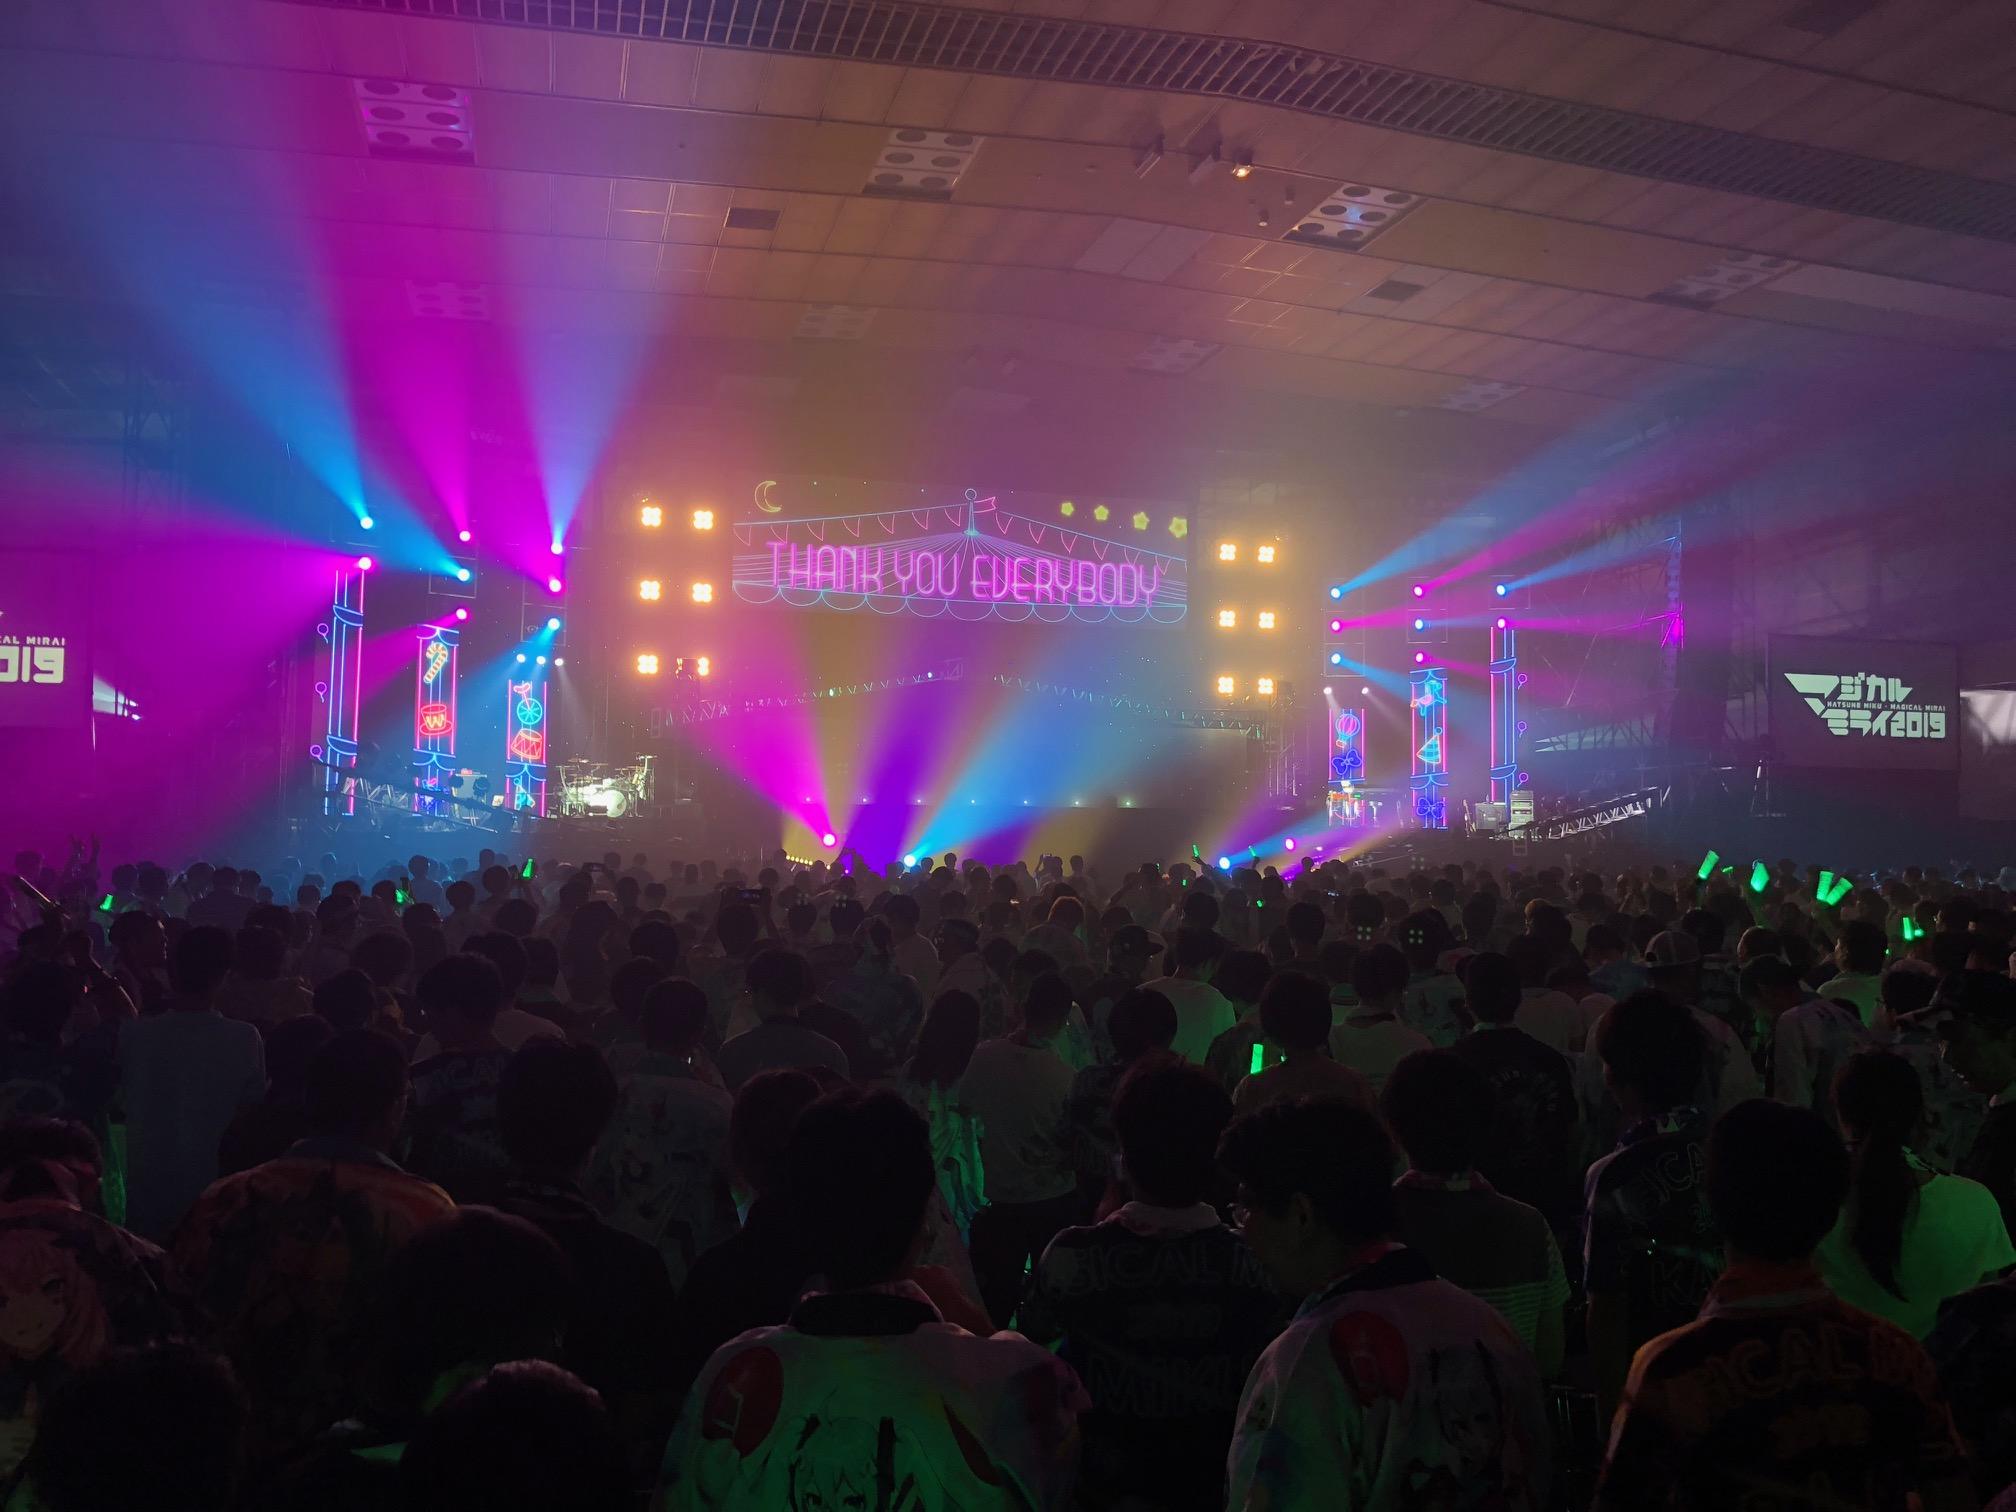 【ネタバレあり】マジカルミライ2019!気になるセトリを紹介!(大阪公演初日)